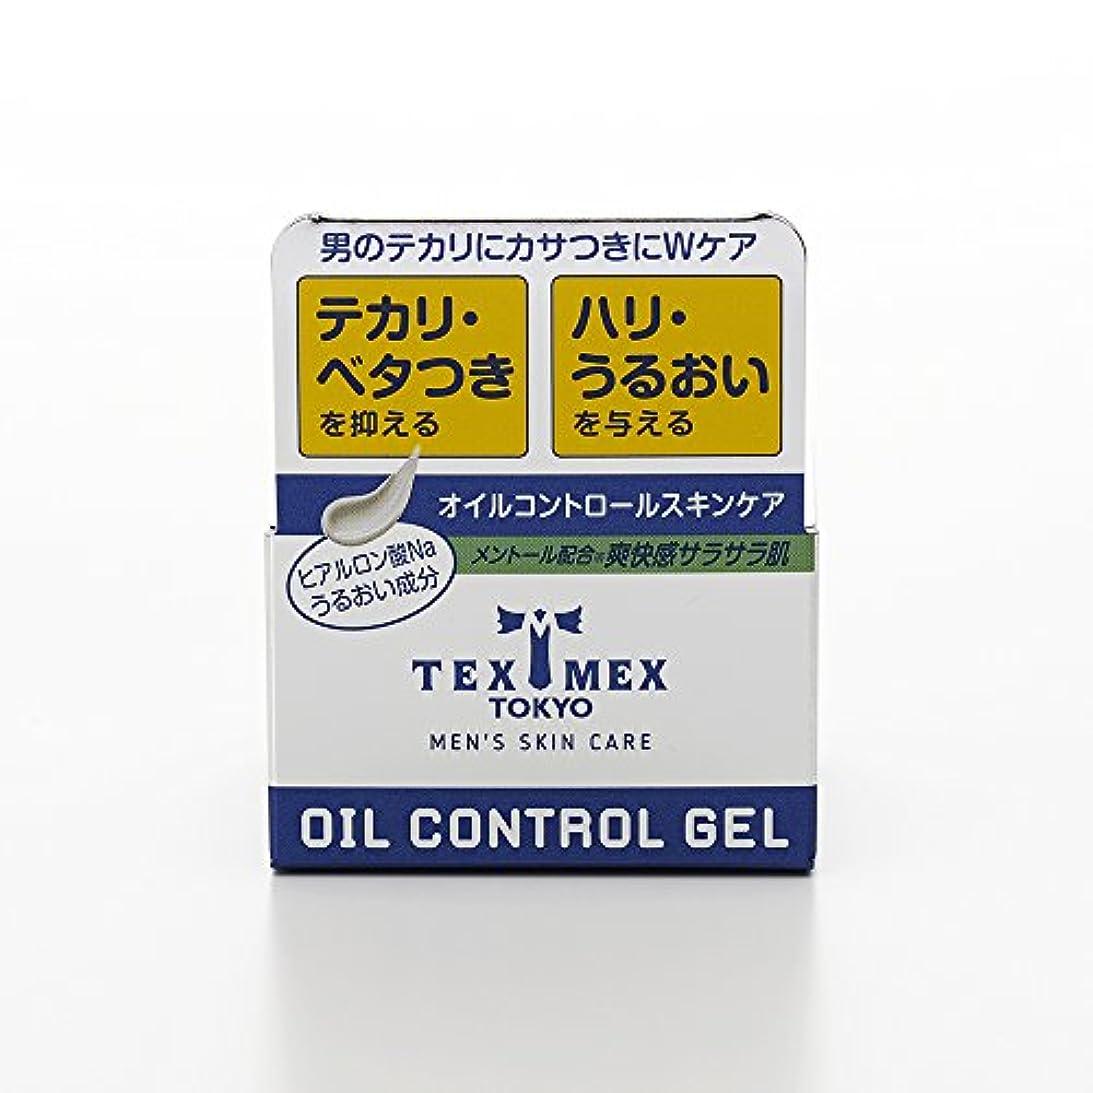 ケーブル食品区別するテックスメックス オイルコントロールジェル 24g (テカリ防止ジェル) 【塗るだけでサラサラ肌に】